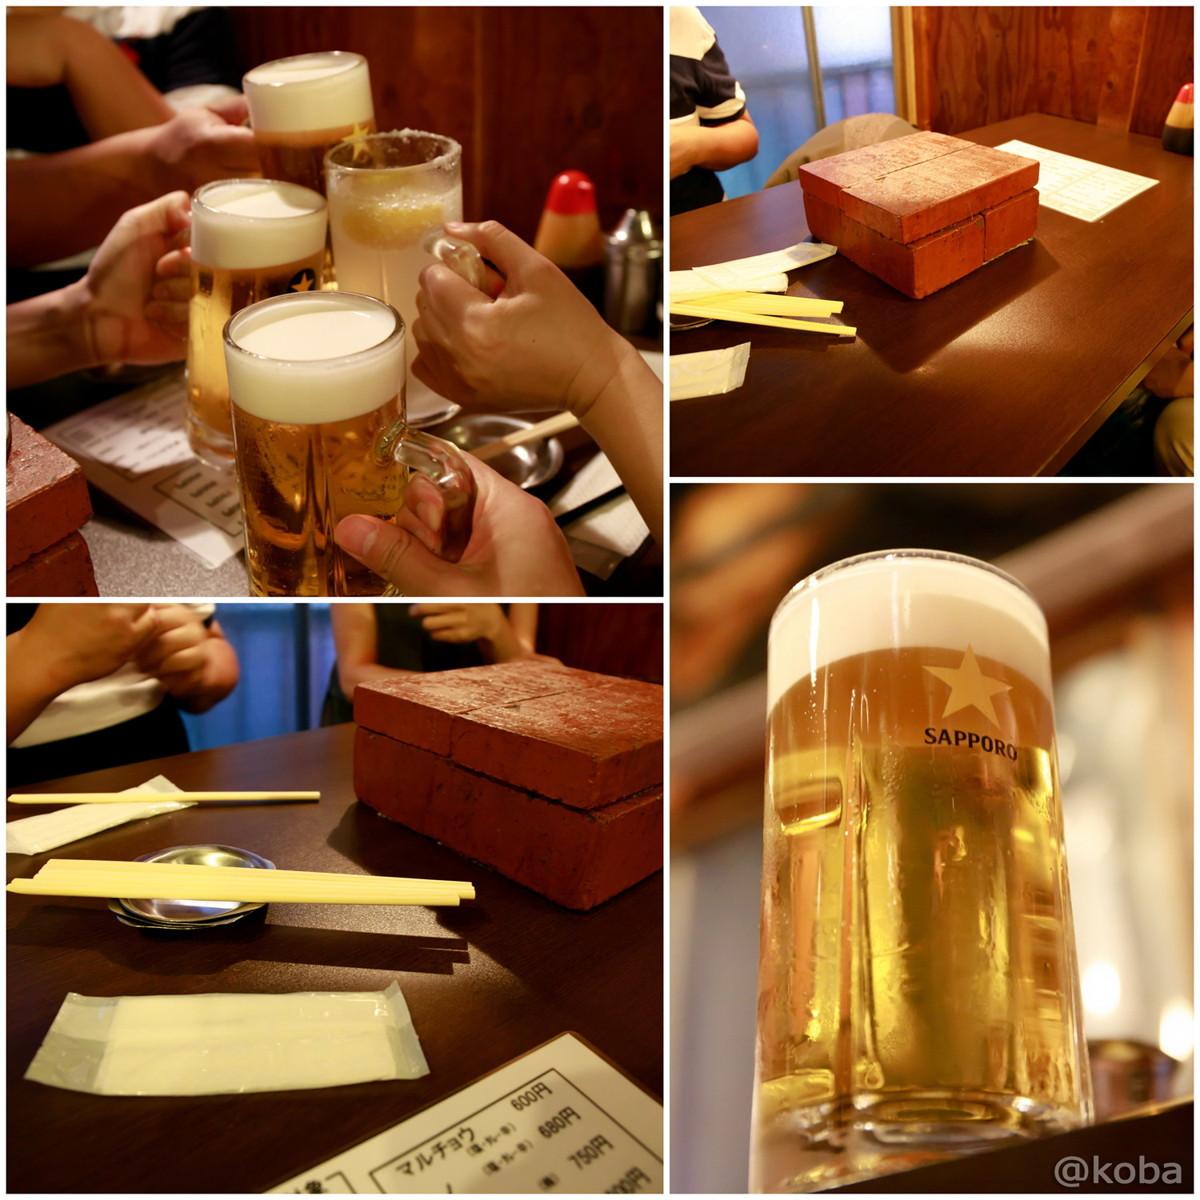 内観・乾杯の写真 │ホルモン青木 2号店│ホルモン・焼肉│東京│亀戸ブログ